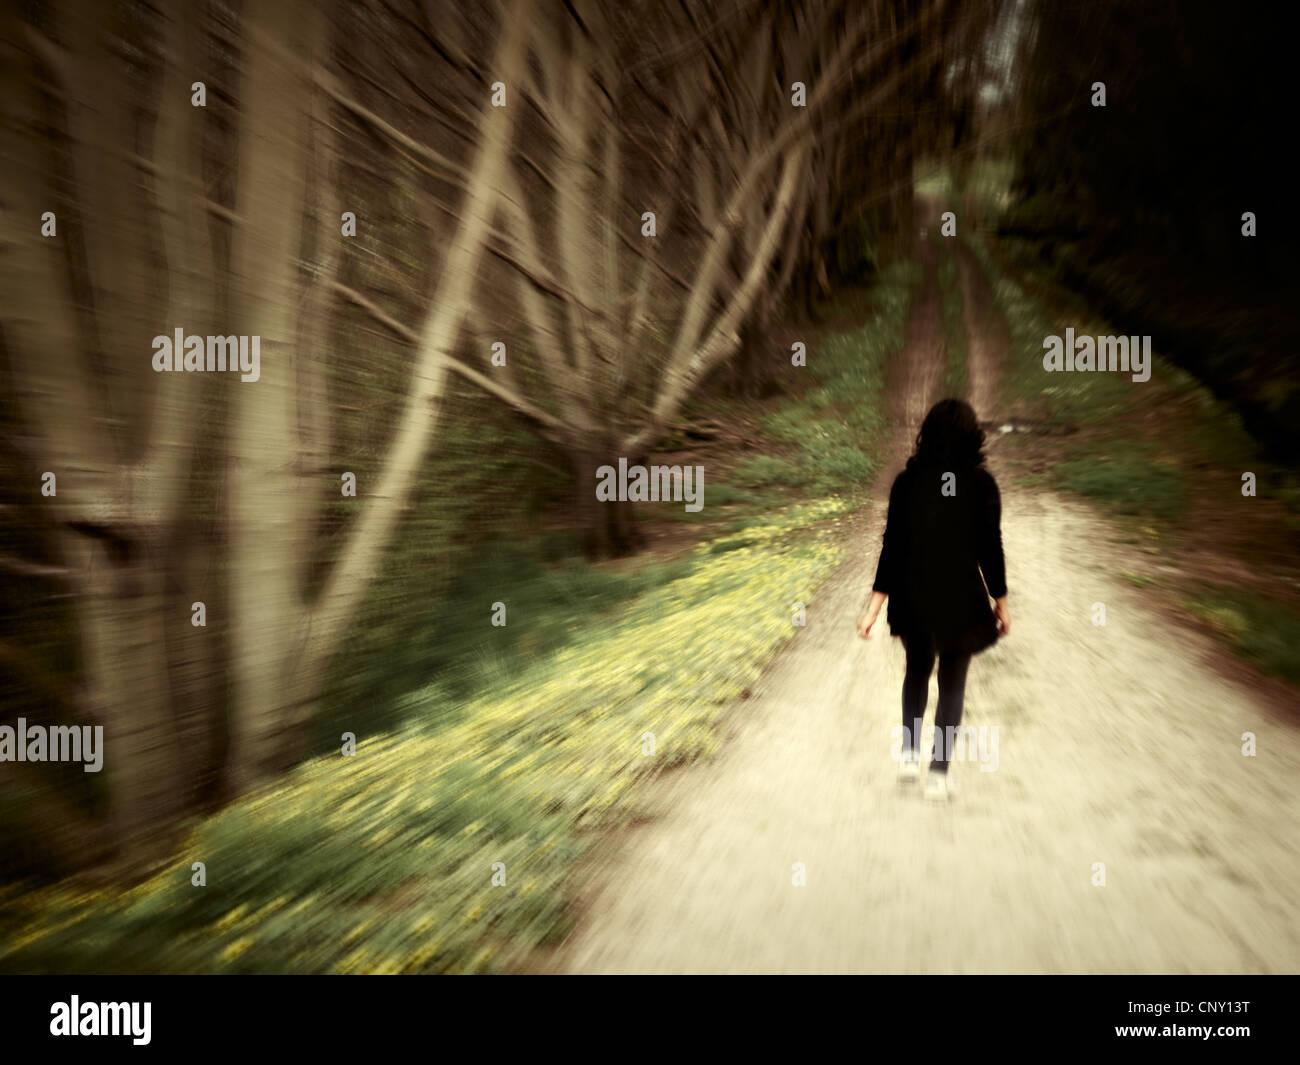 Frau geht auf Wald Weg. Stockfoto